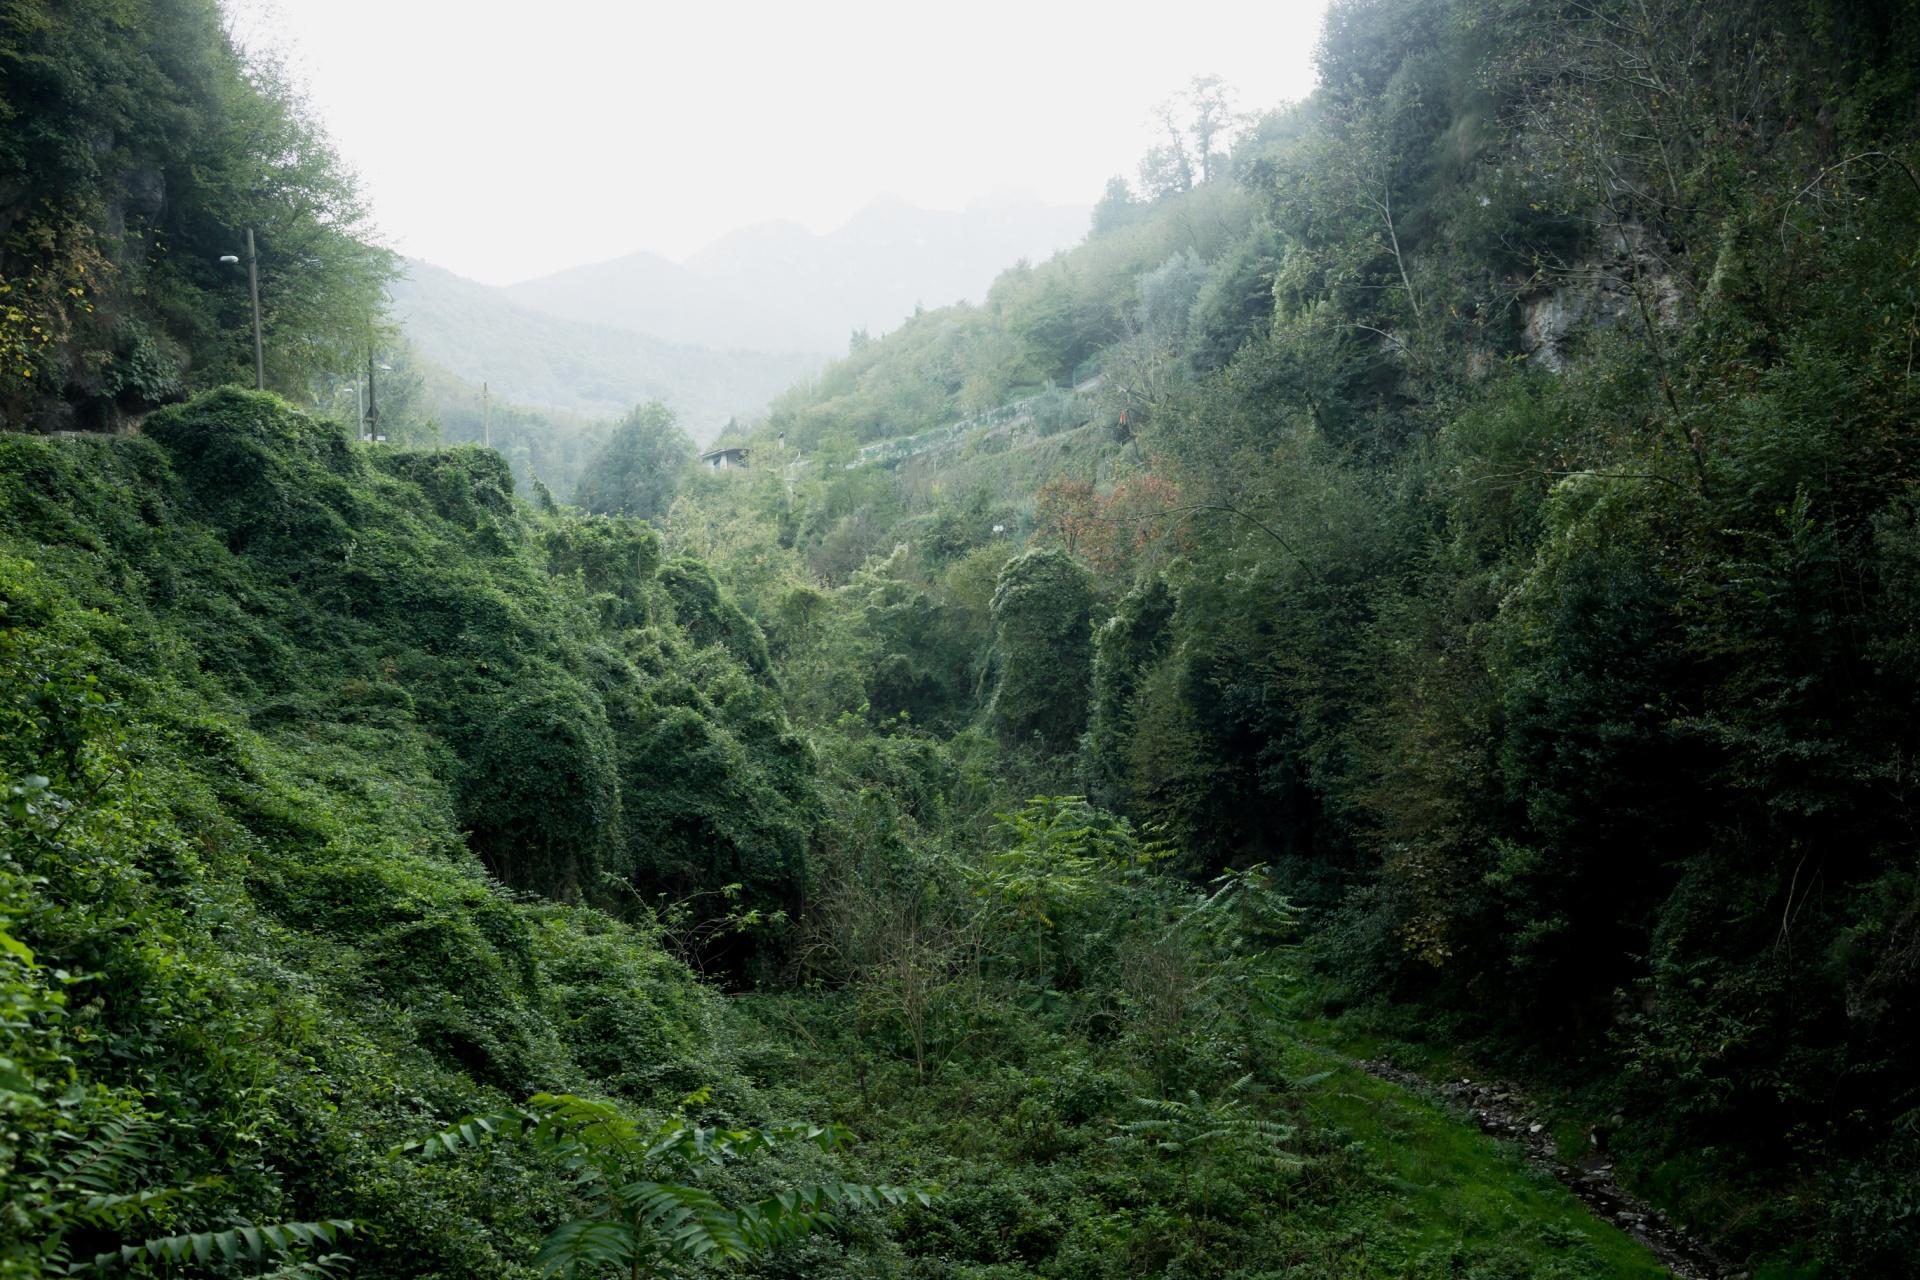 la valle dei mulini, la valle dei mulini è uno scrigno prezioso che ancora aspetta un recupero definitivo.